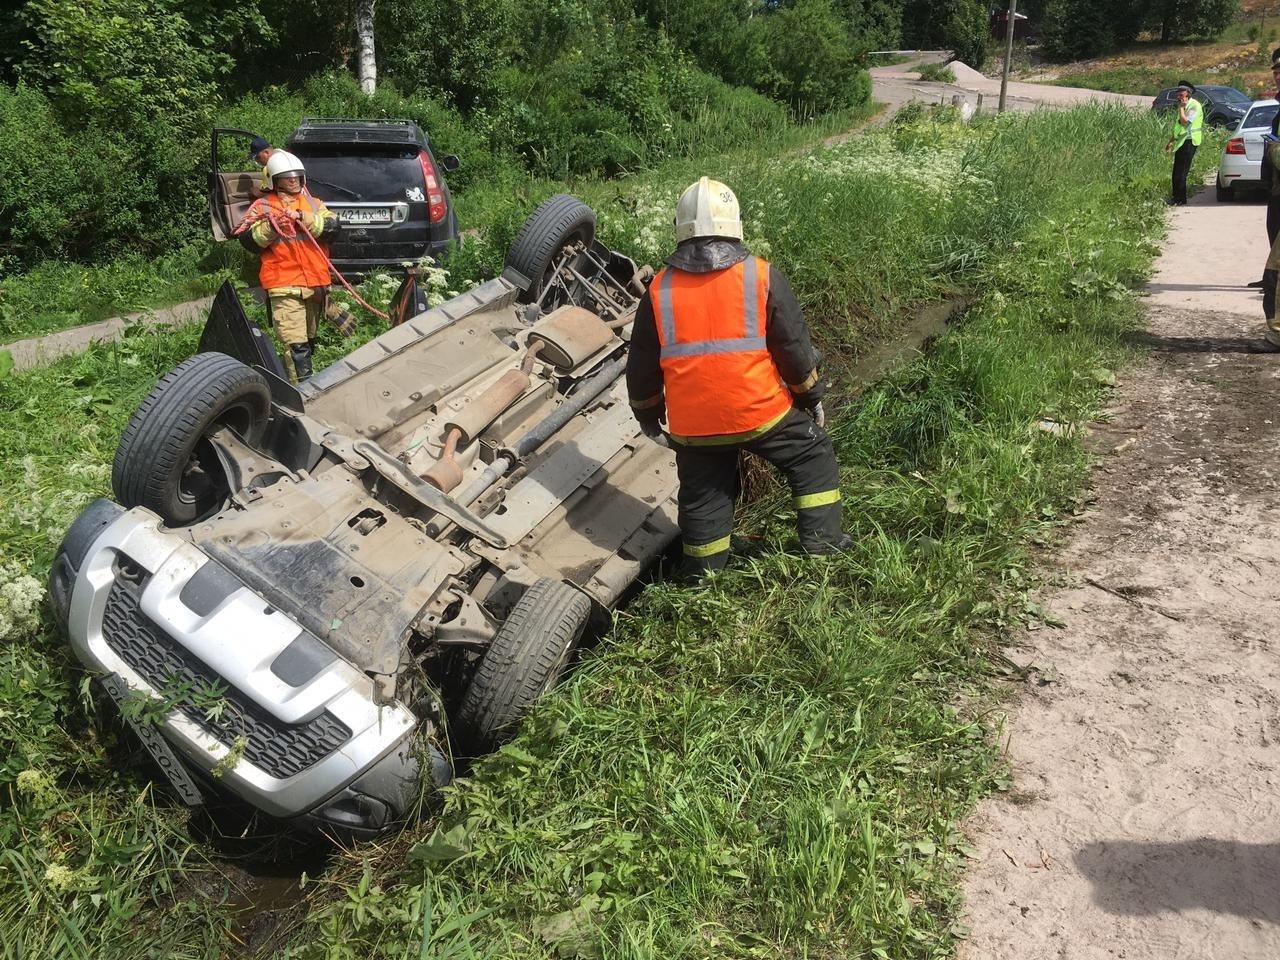 Пожарно-спасательное подразделение привлекалось для ликвидации ДТП в Сортавальском районе.